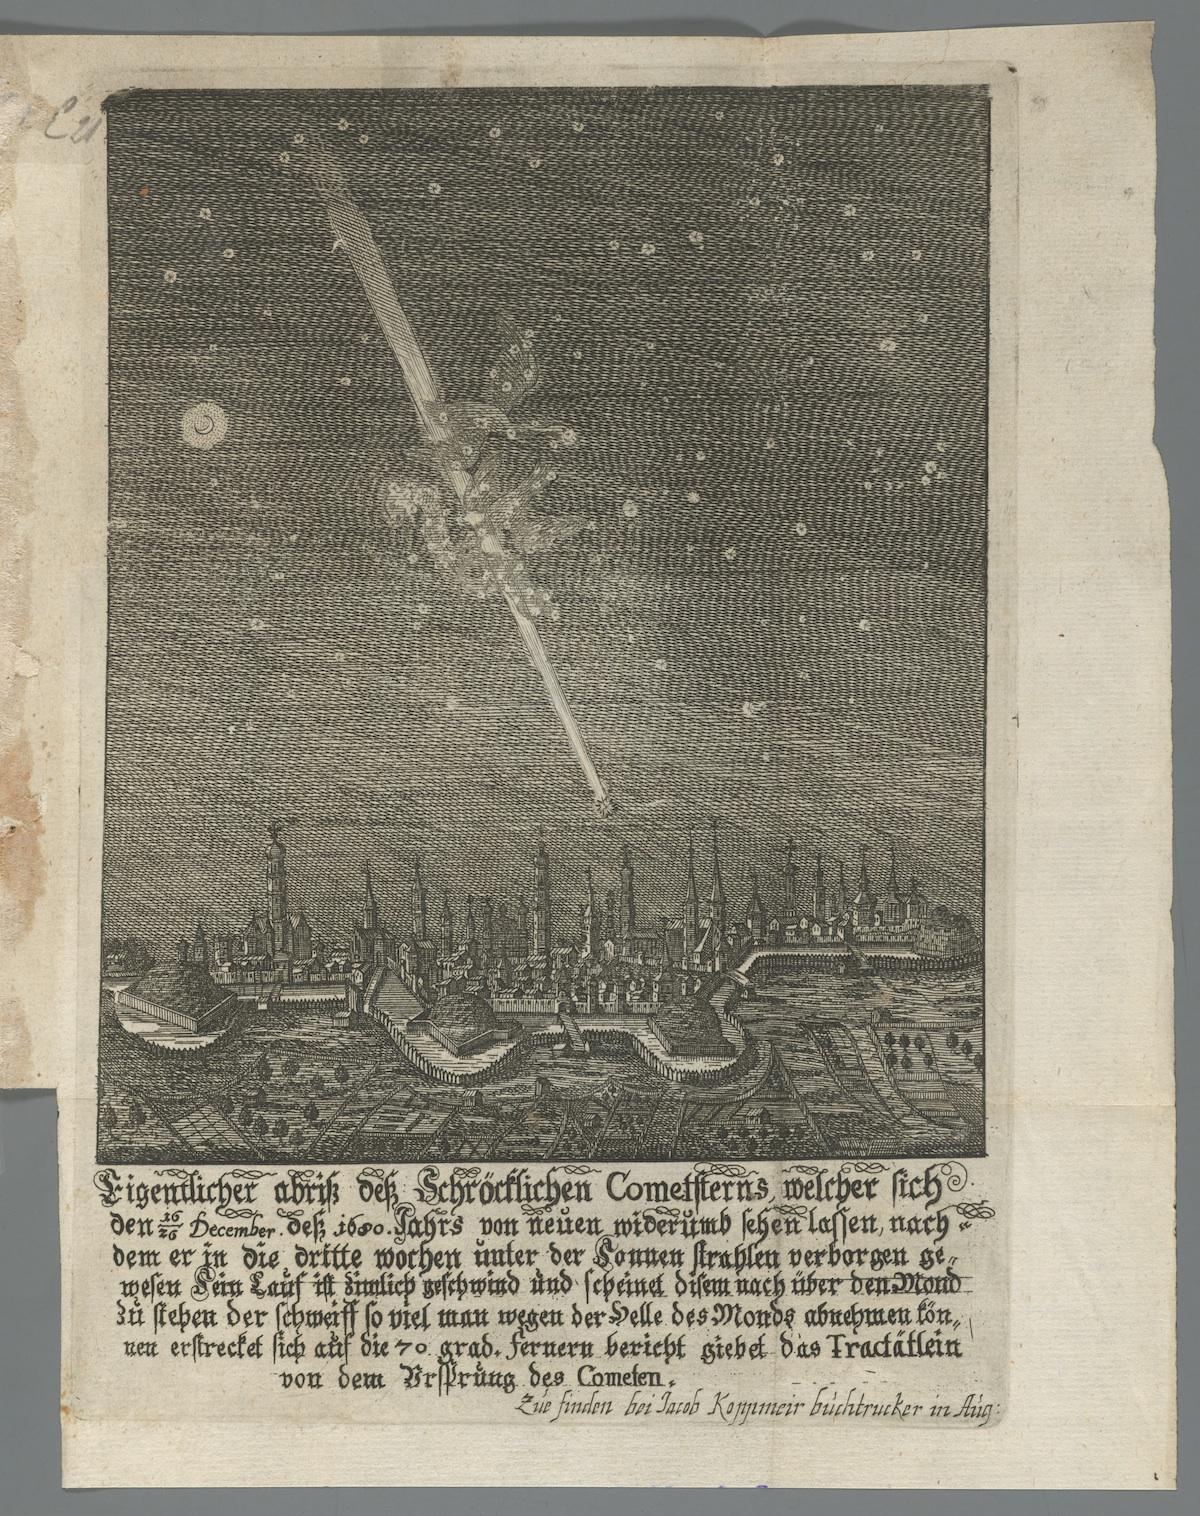 Wagner, Johann Christoph. Cometa disparens, das ist, Gründlicher Bericht von dem fernern Lauff dess Komet-Sterns, biss zu dessen völliger Verlöschung, 1681. *GC6.W1258.681c (B). Houghton Library, Harvard University.